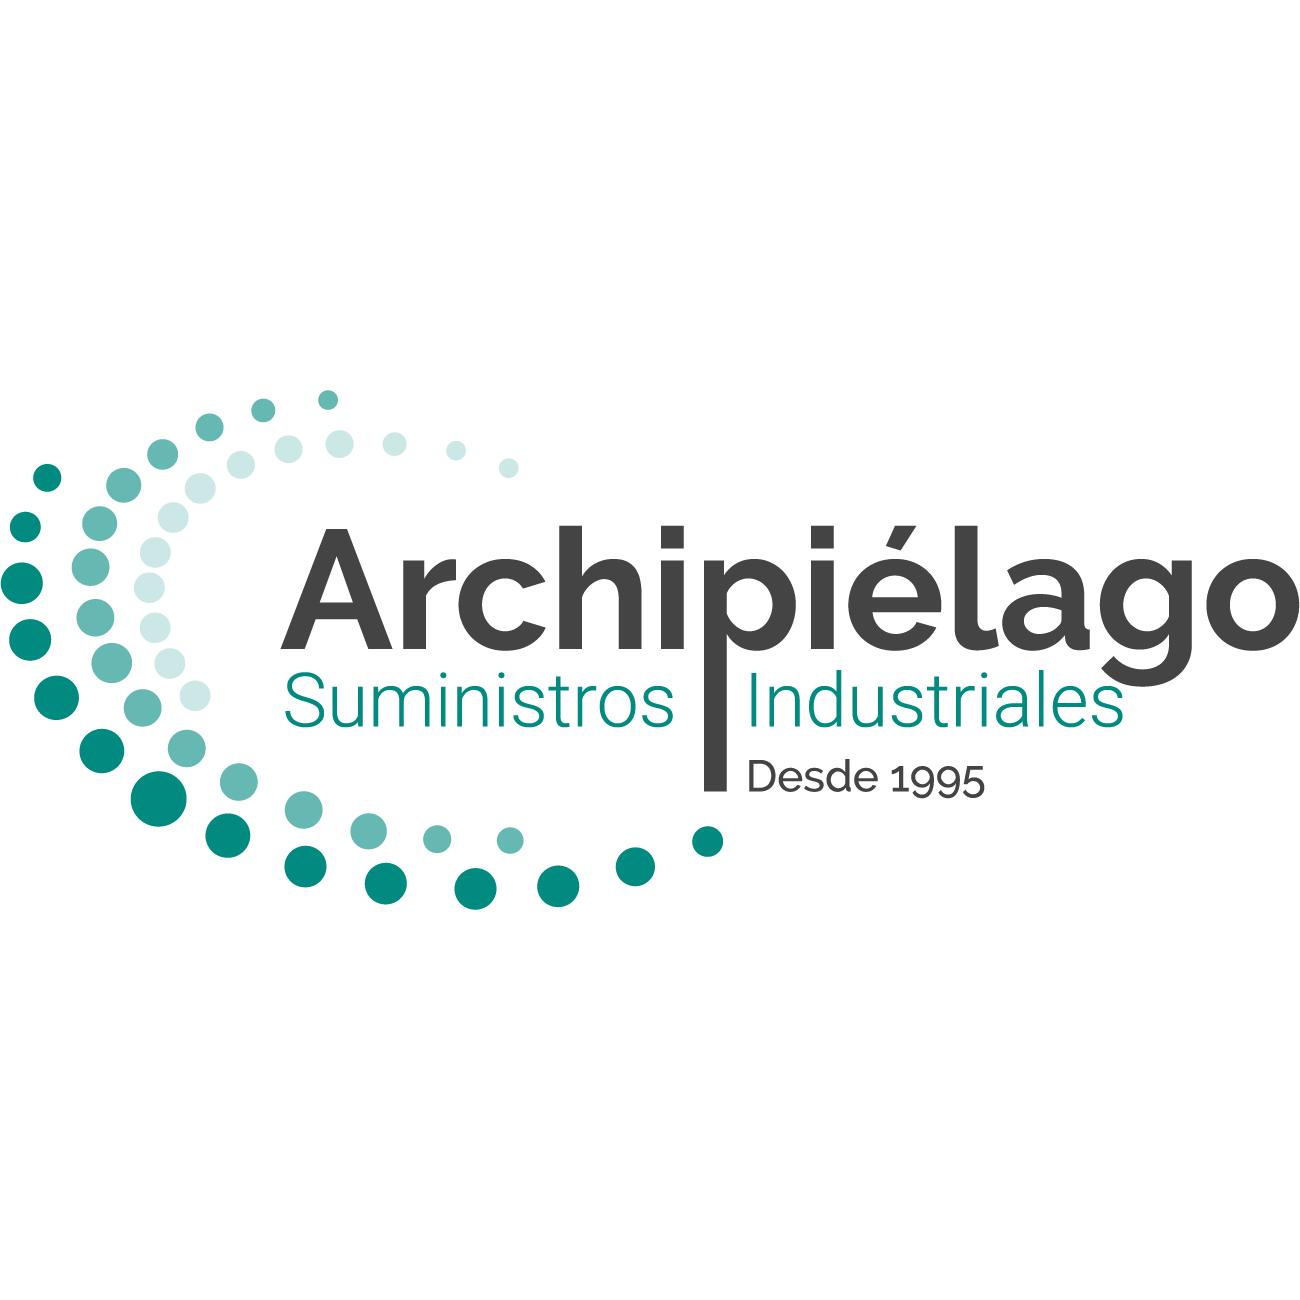 Archipiélago Suministros Industriales 95 S.L.